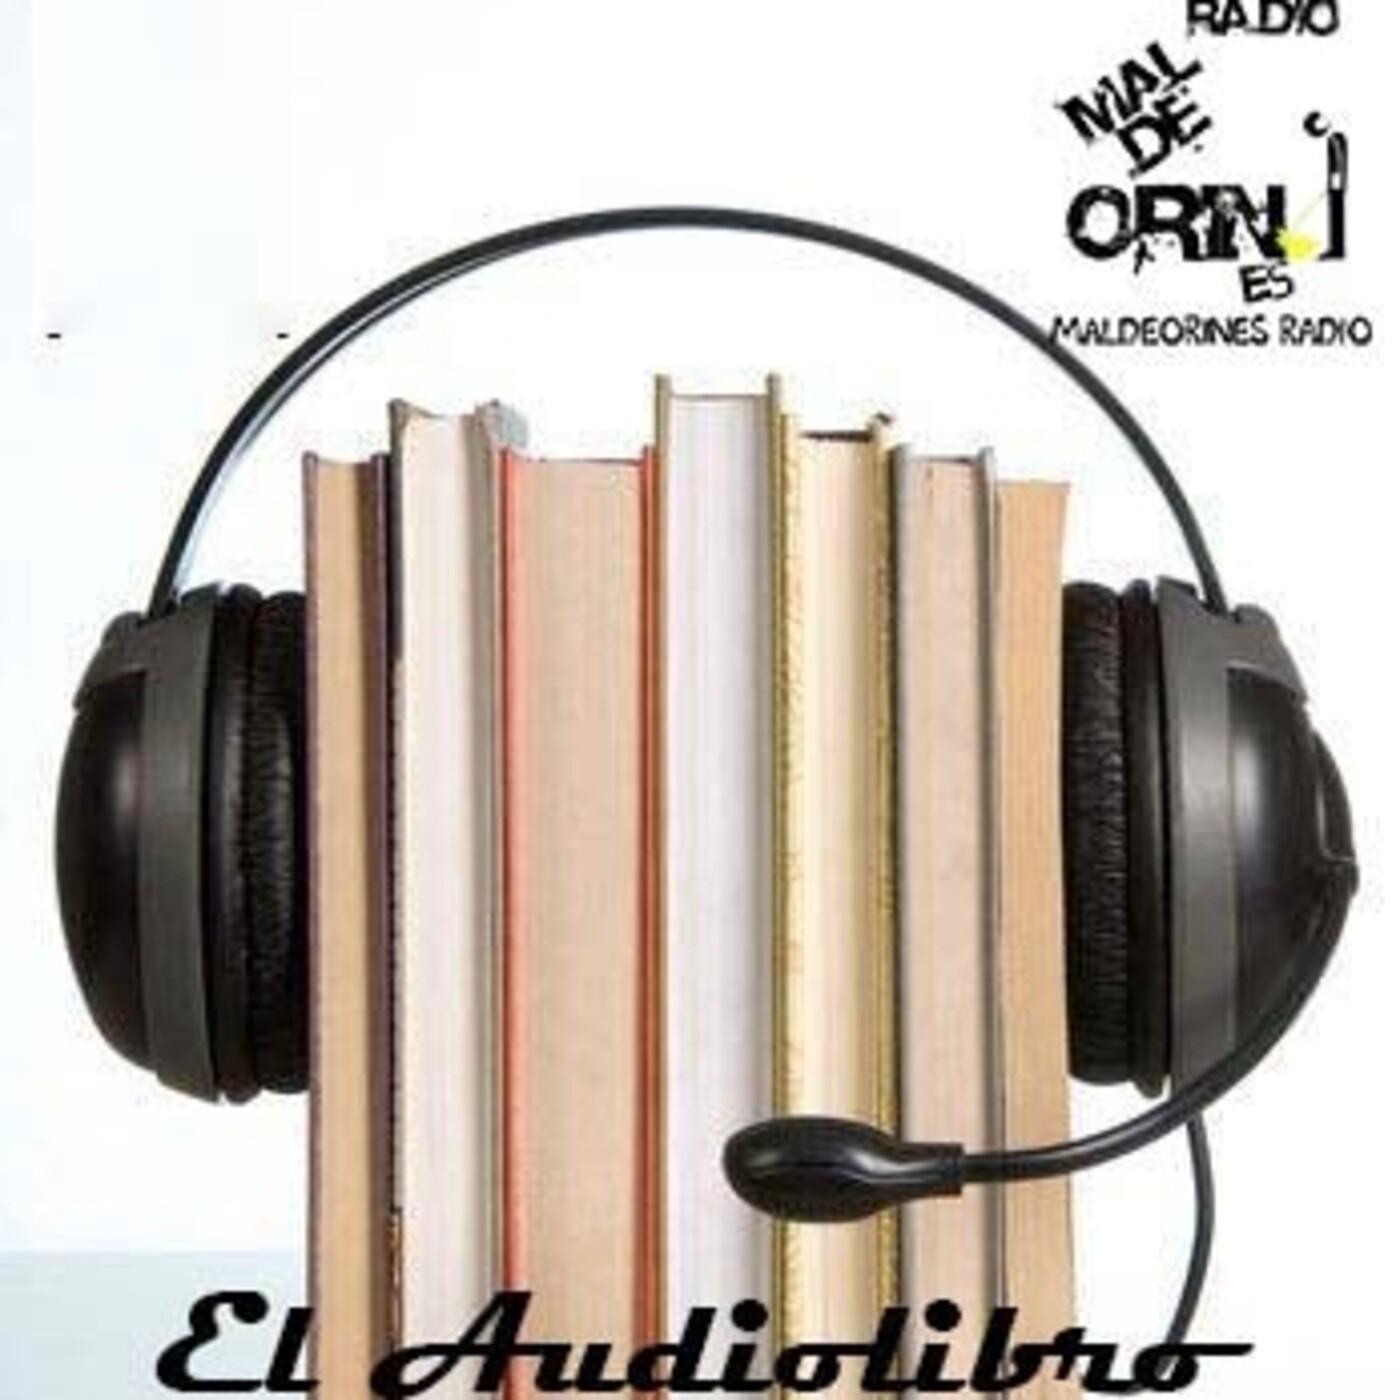 El Audiolibro - Cúpulas de Fuego cap. 23